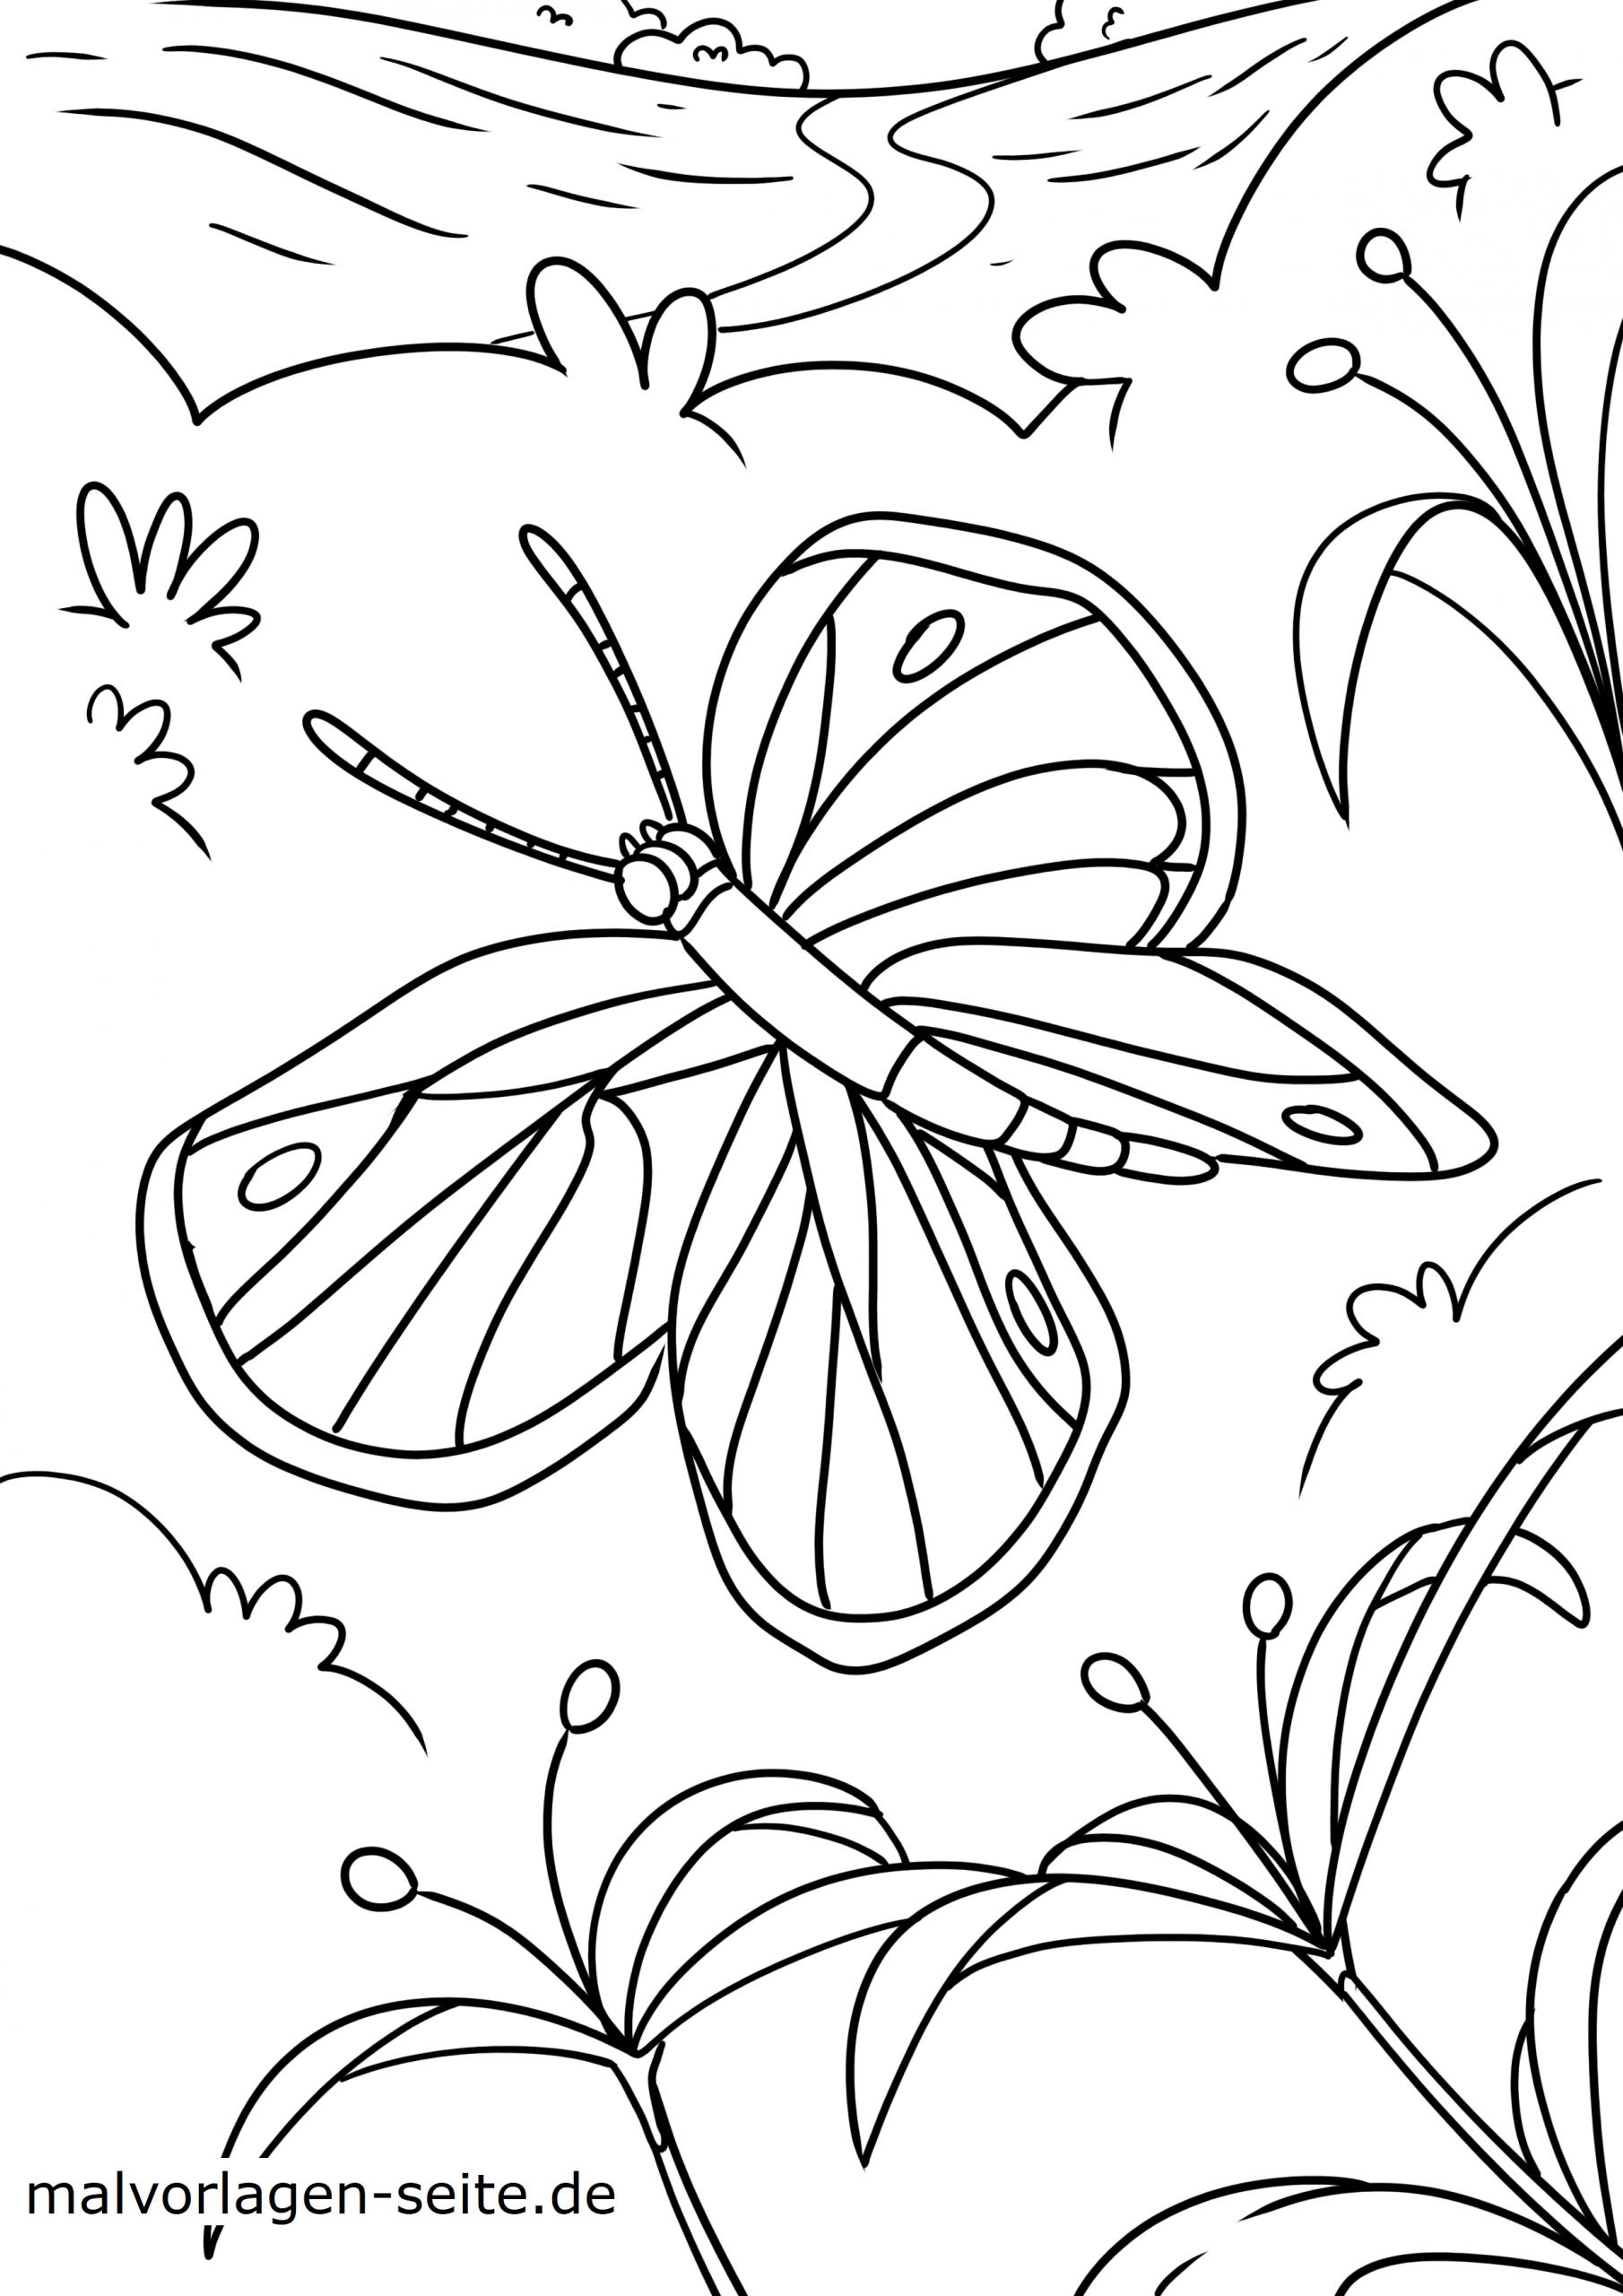 Malvorlagen Schmetterlinge Zum Ausmalen Für Kinder über Malvorlagen Schmetterlinge